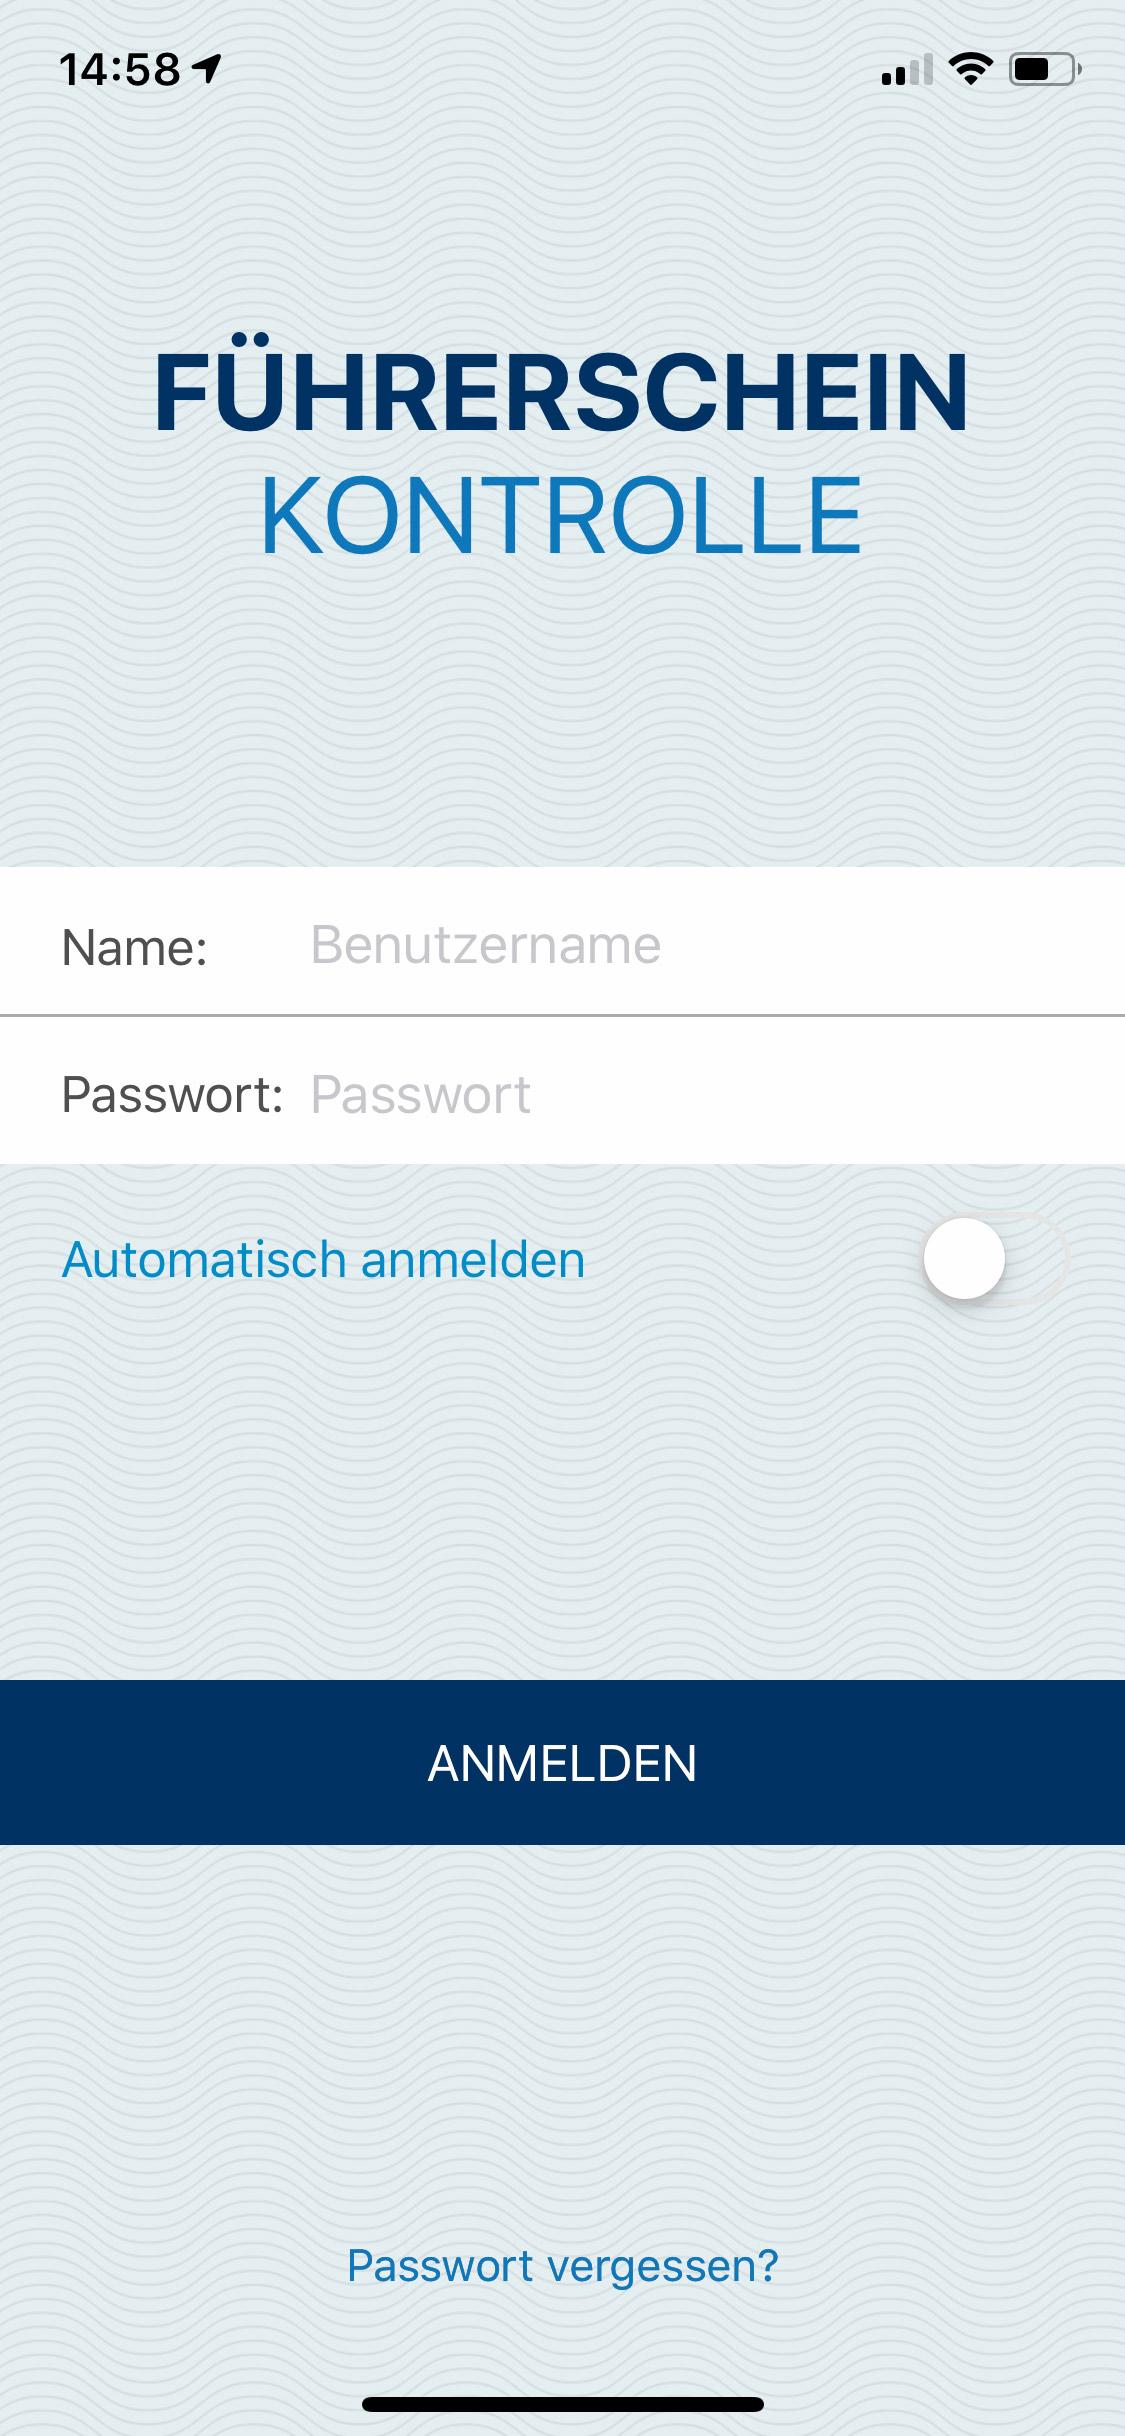 Anmeldebildschirm Manager App